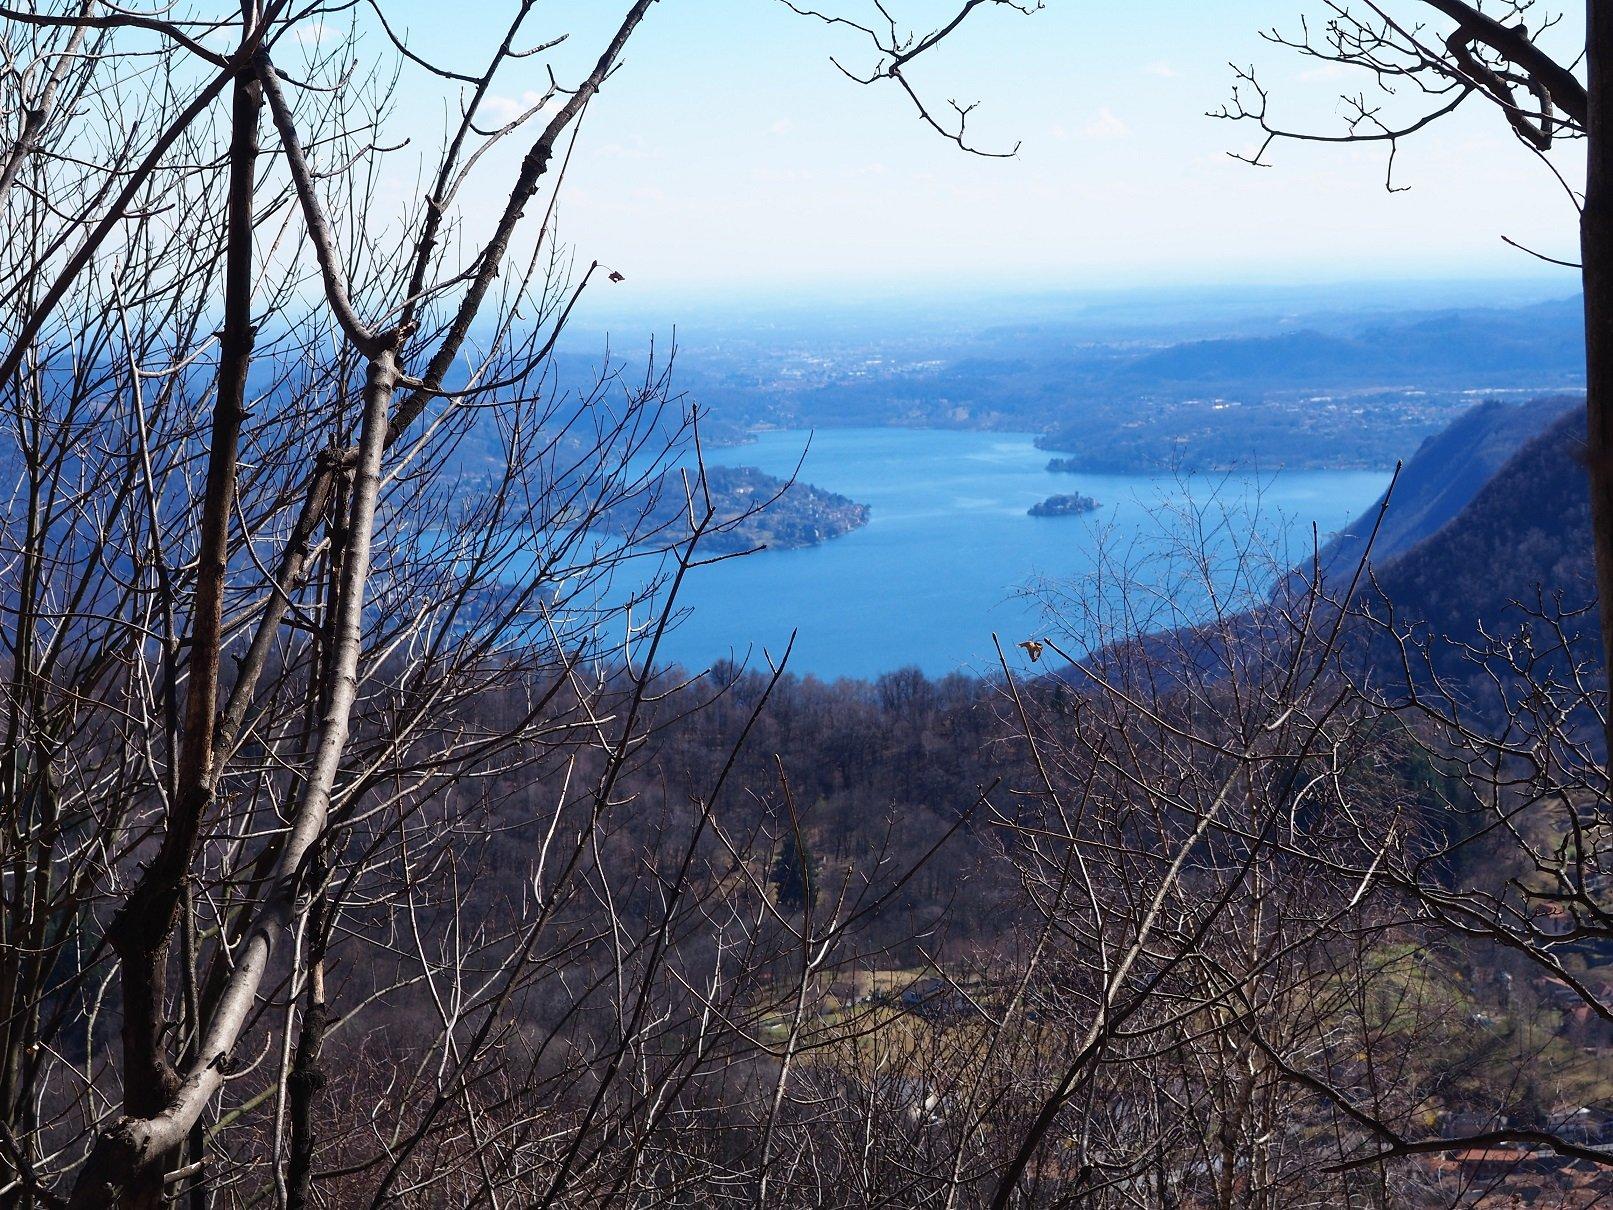 Scorcio del Lago d'Orta dalla parte bassa della gita.